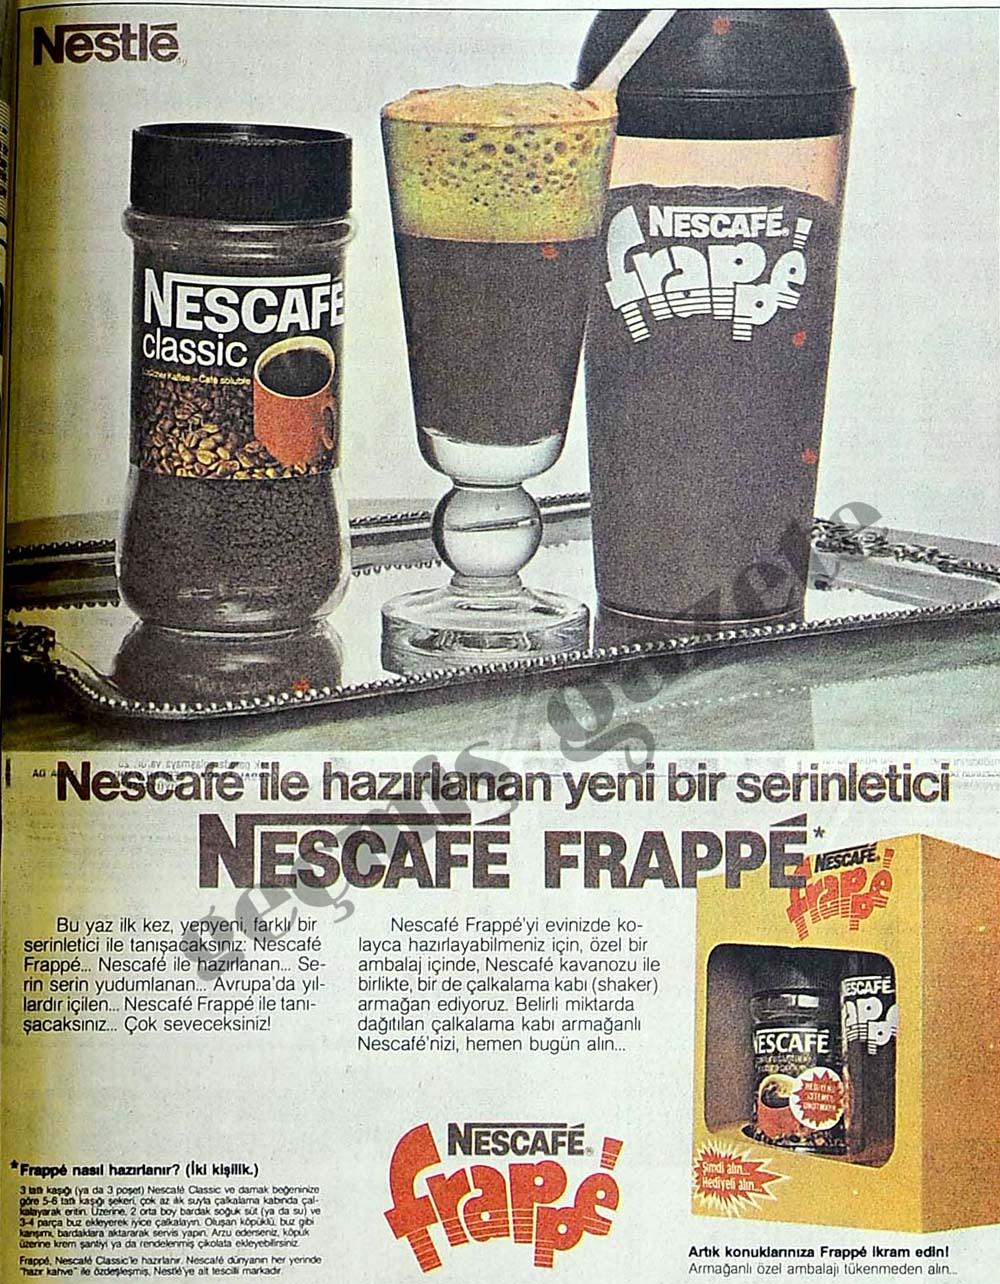 Nescafe ile hazırlanan yeni bir serinletici Nescafe Frappe